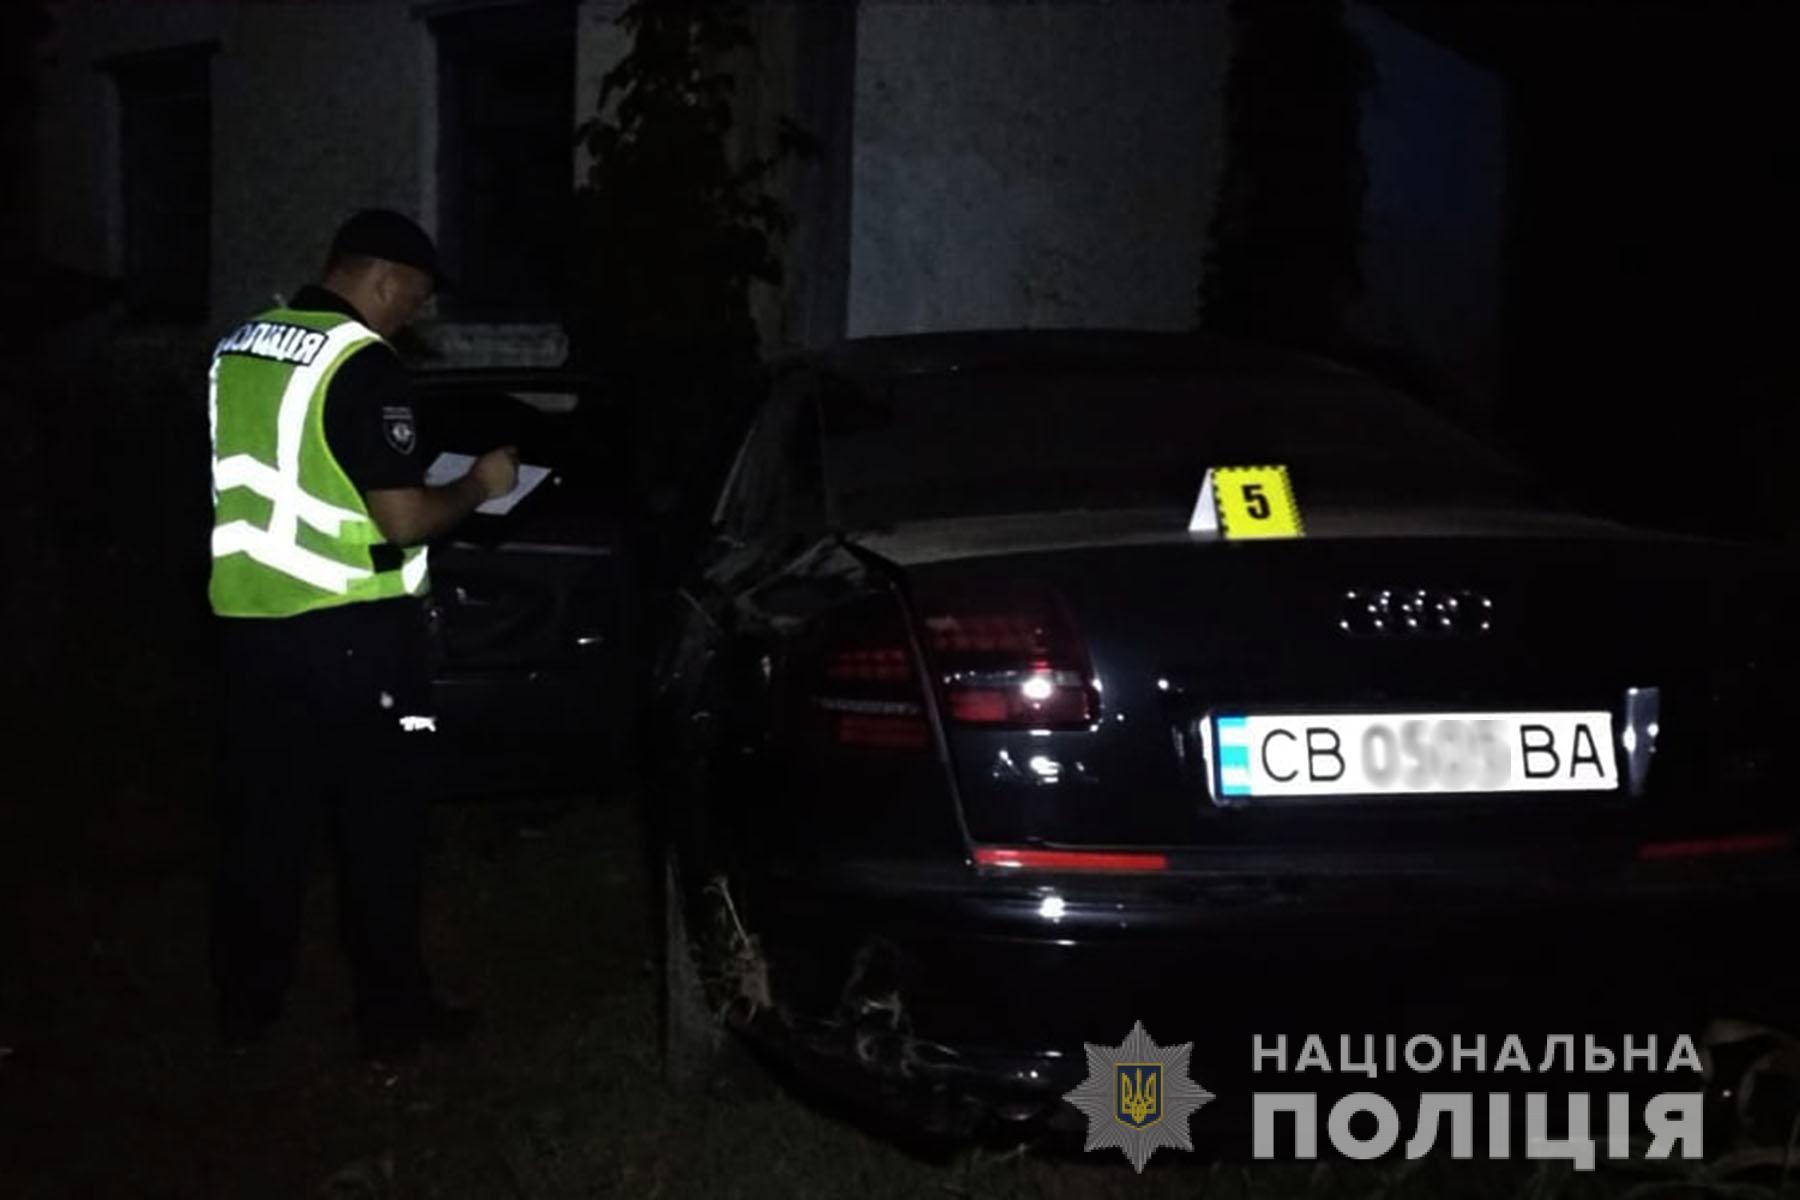 У Мохнатині автівка врізалася в будинок: двоє загиблих, троє травмувалися. ФОТО, ВІДЕО